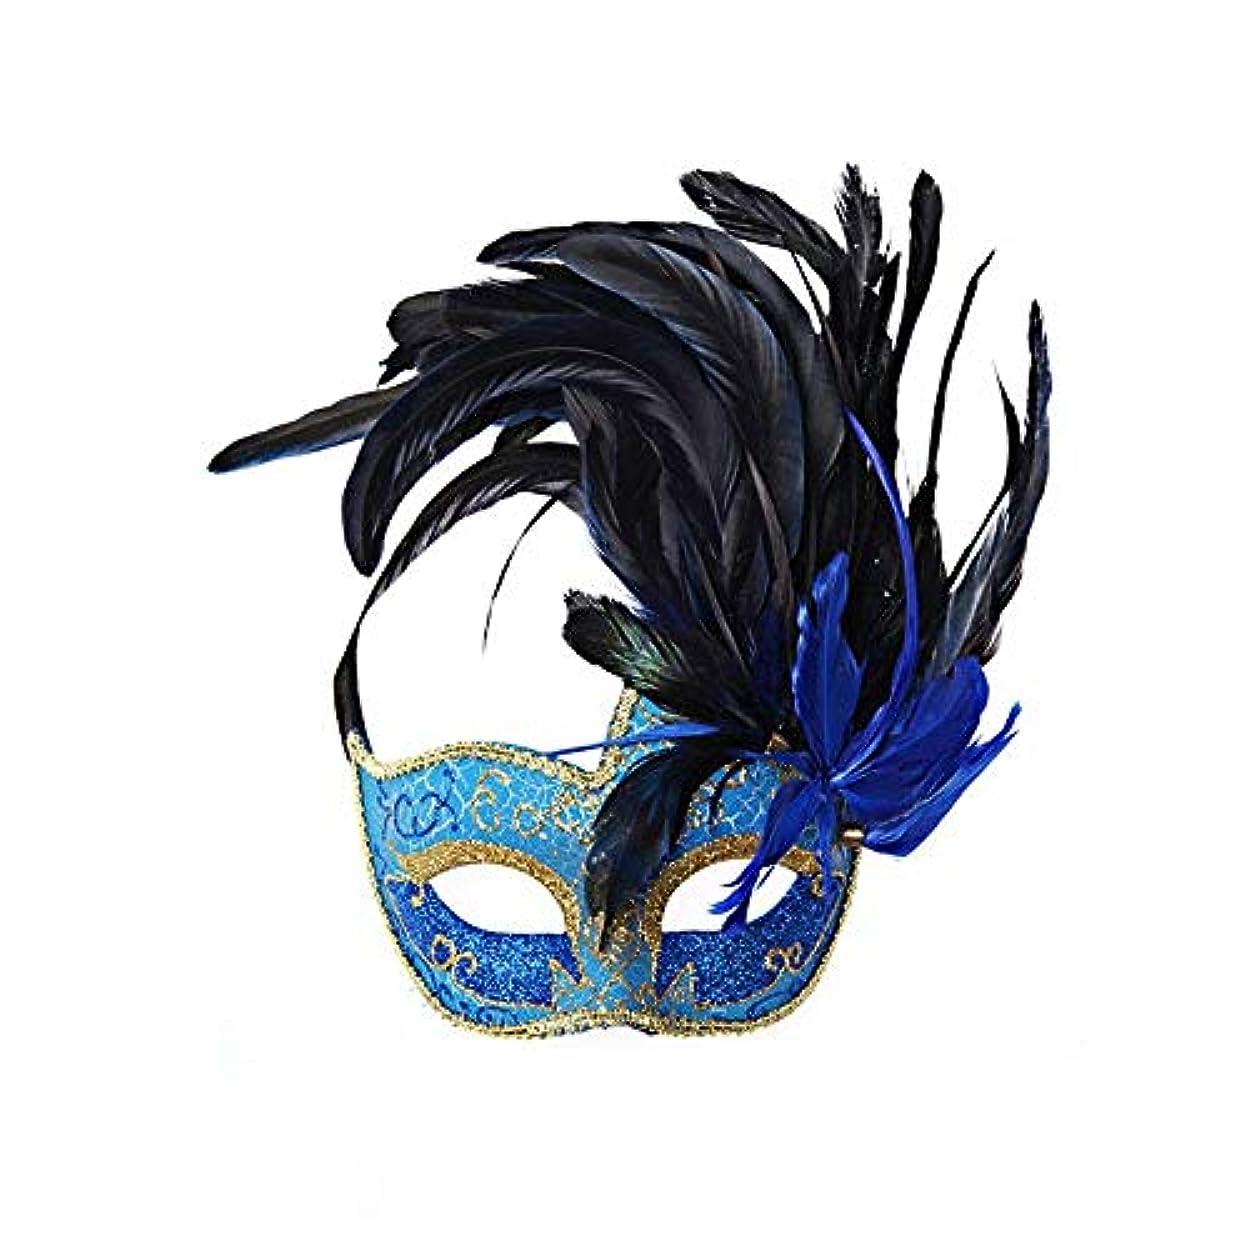 味付け野生最悪Nanle ハロウィンマスクハーフフェザーマスクベニスプリンセスマスク美容レース仮面ライダーコスプレ (色 : Style A blue)